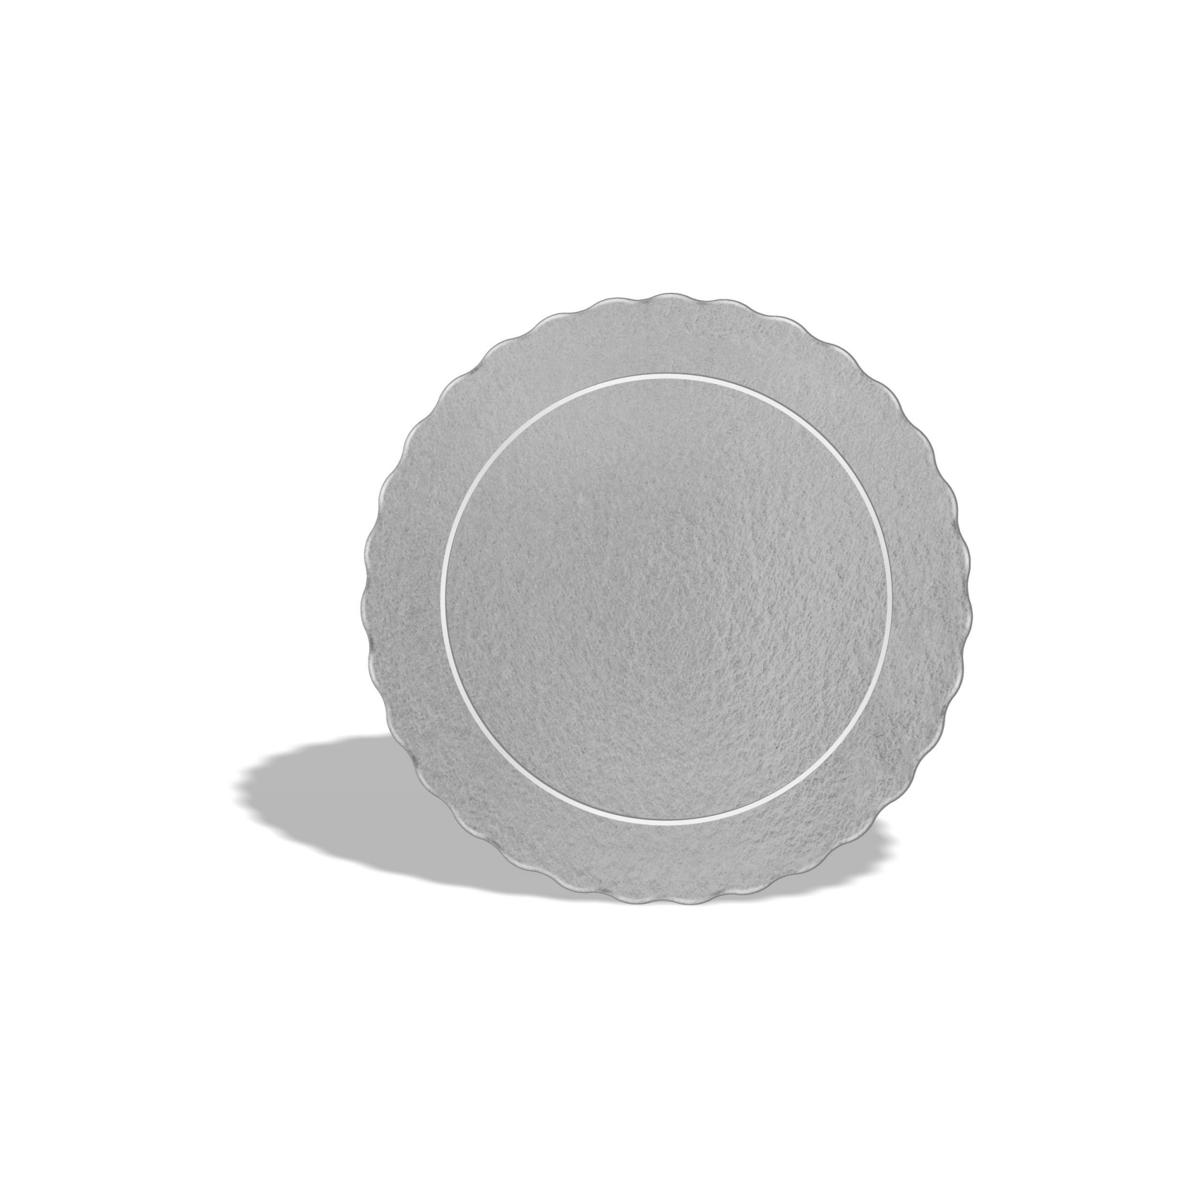 100 Bases Laminadas Para Bolo Redondo, Cake Board 15cm - Prata